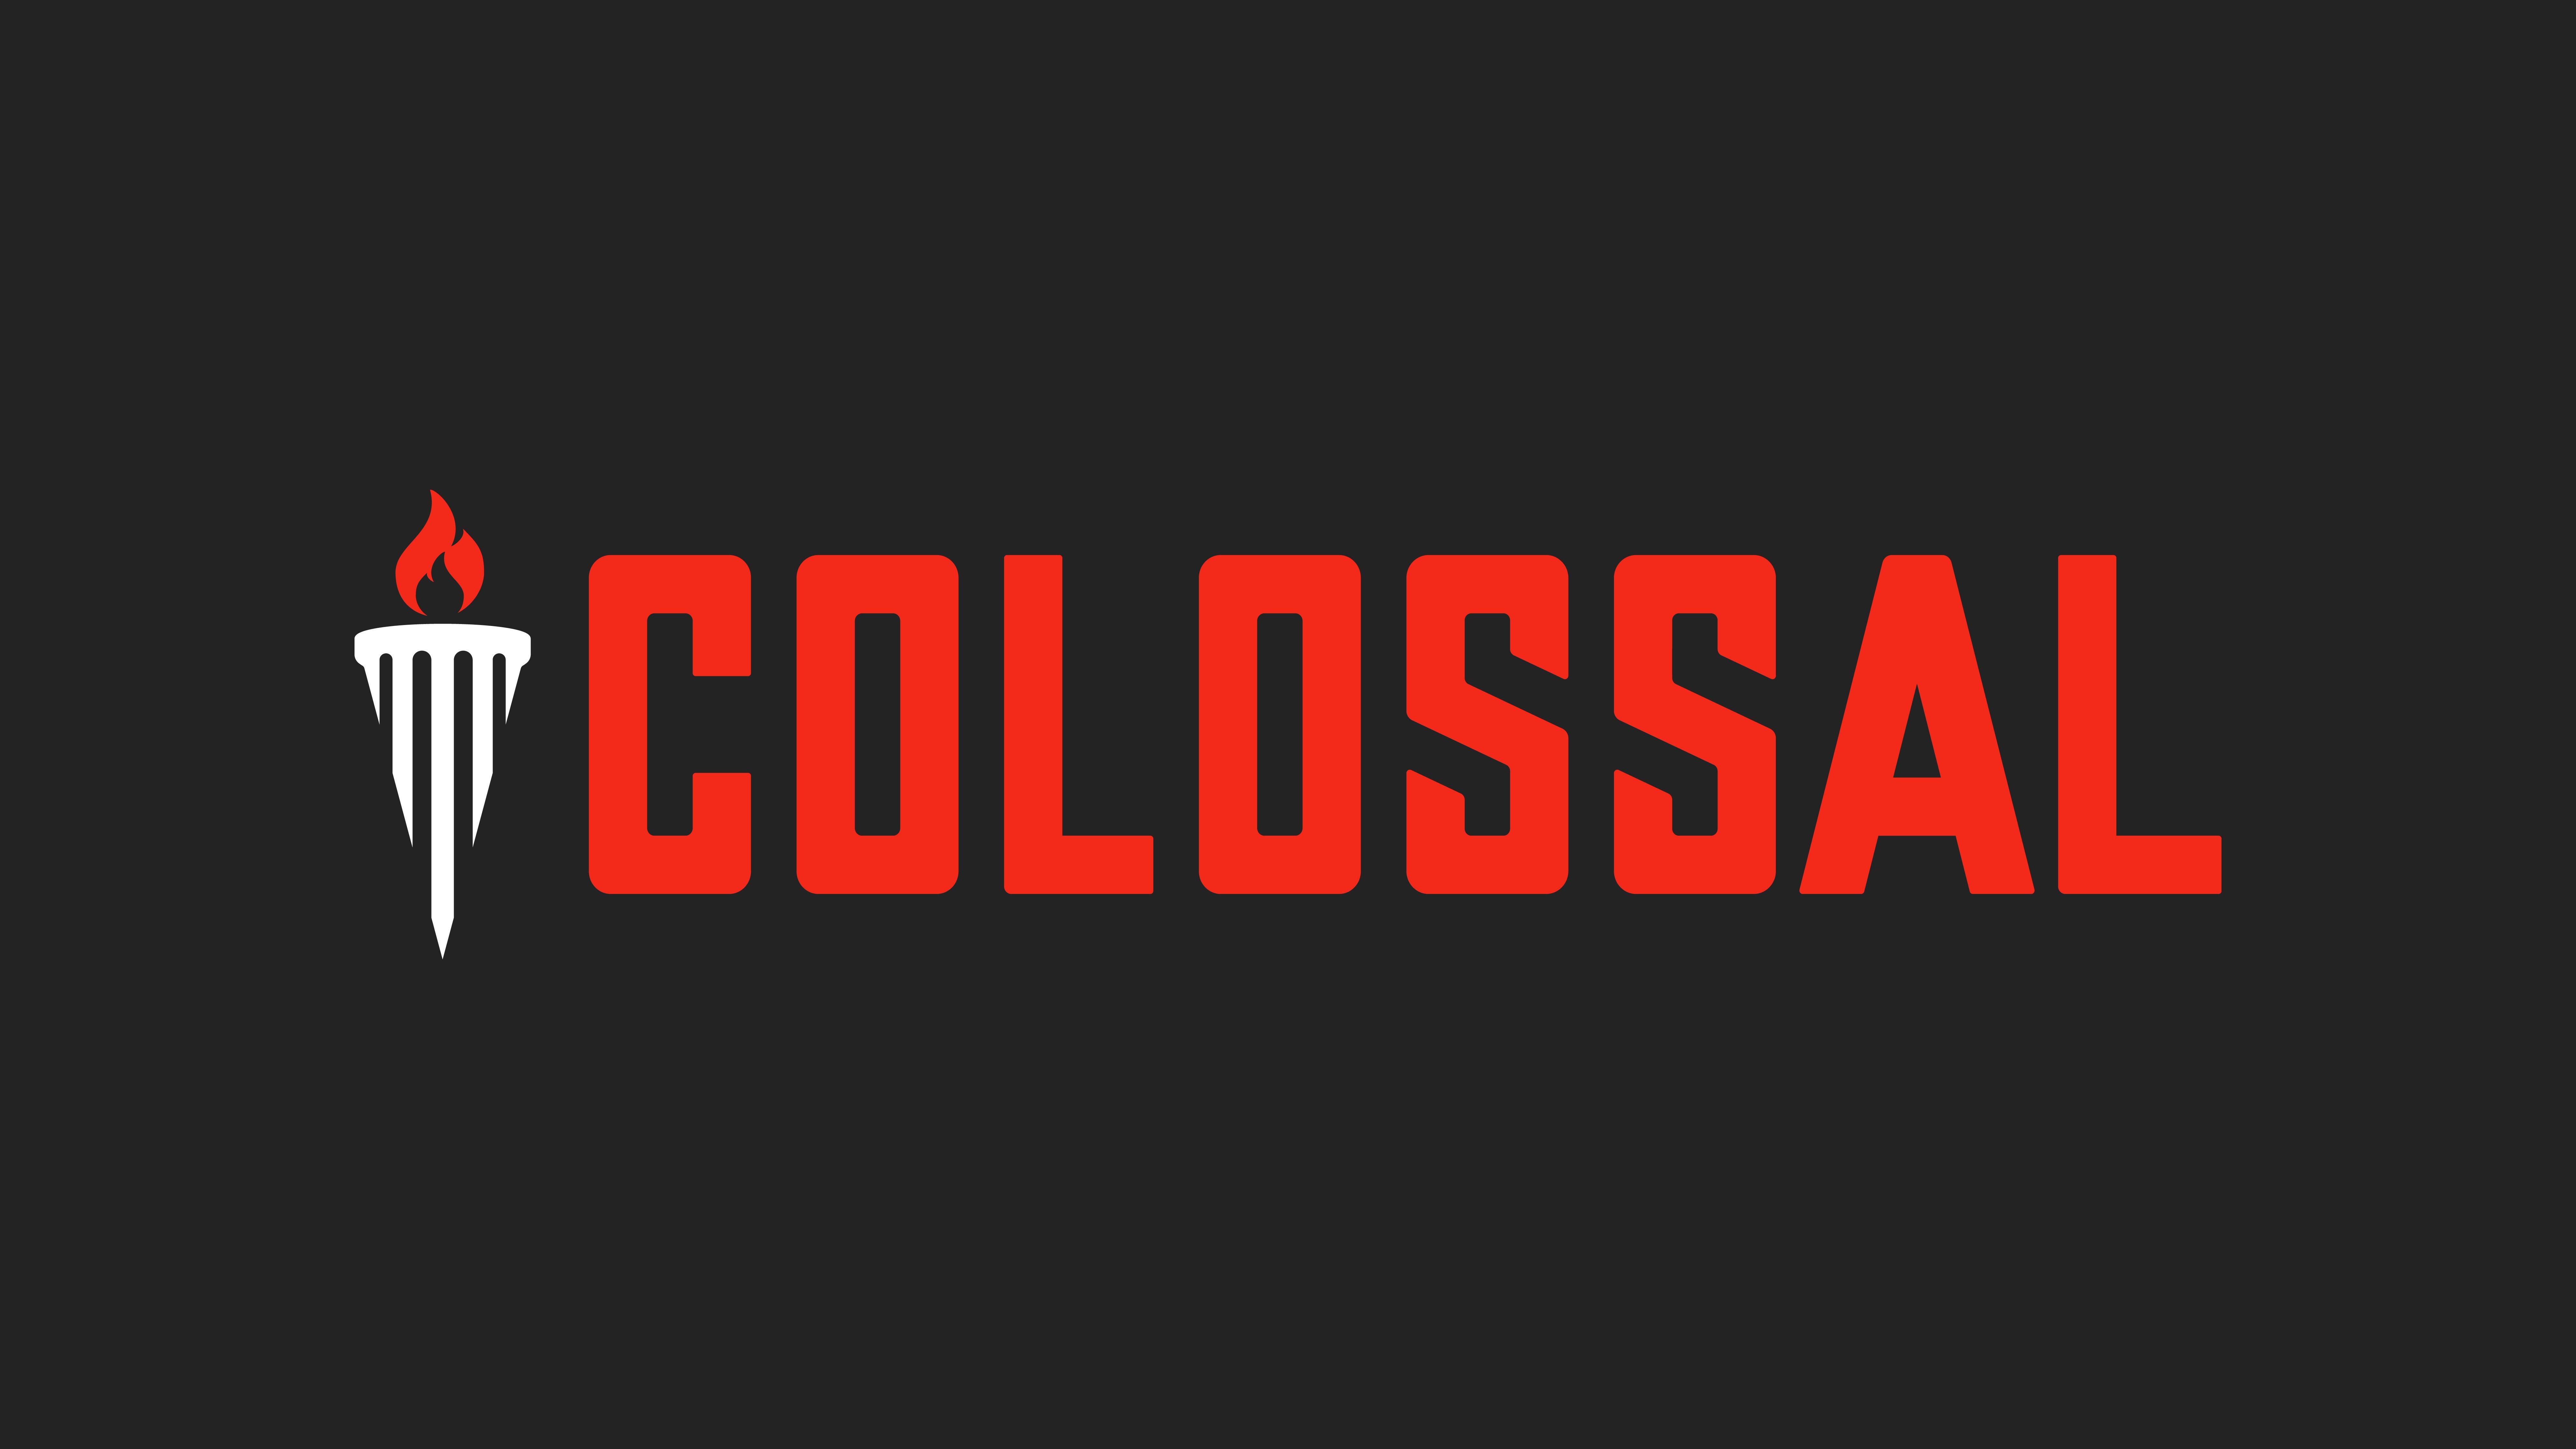 Colossal_FullColor_BlackBG